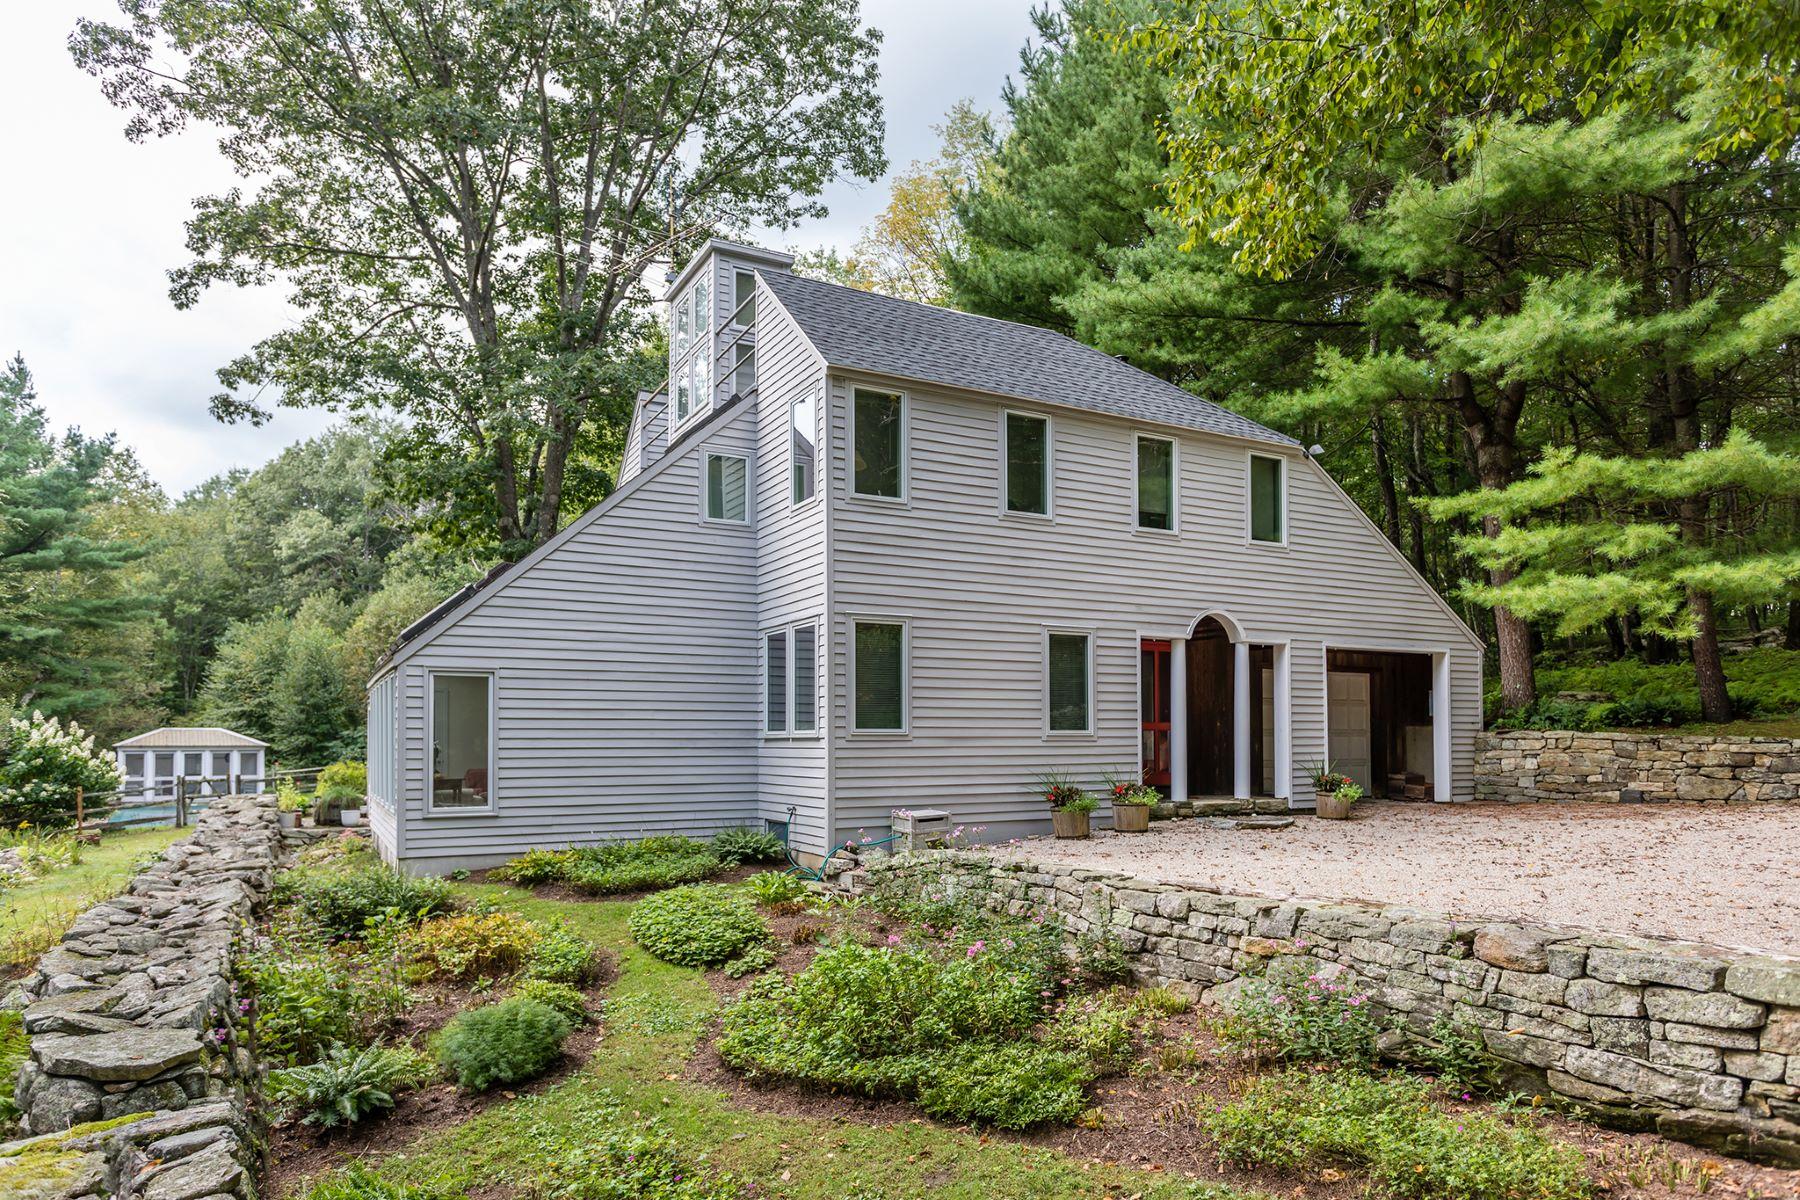 Maison unifamiliale pour l Vente à A Striking Contemporary Retreat 187 Town Street, Cornouailles, Connecticut 06796 États-Unis